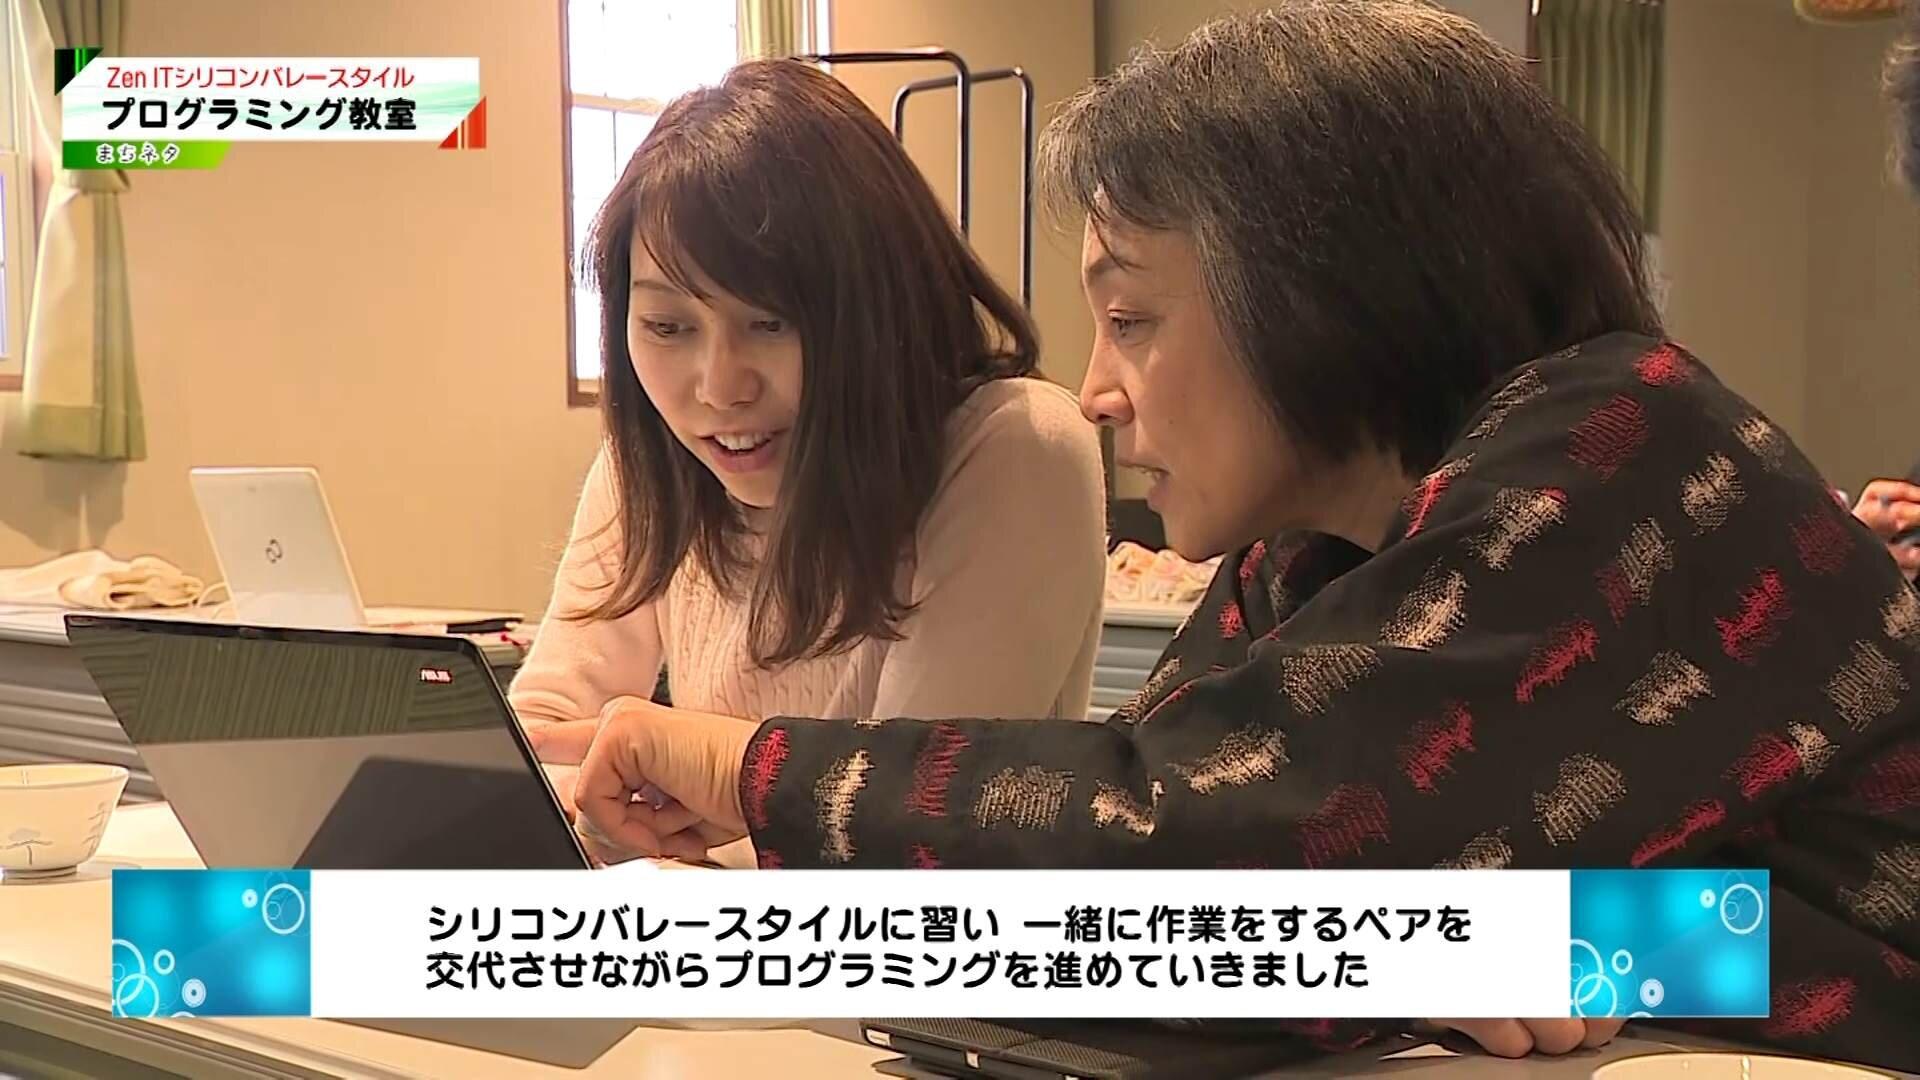 2019年4月14日:土田佳奈さんがペアワークでウェブサイトを作成しています。